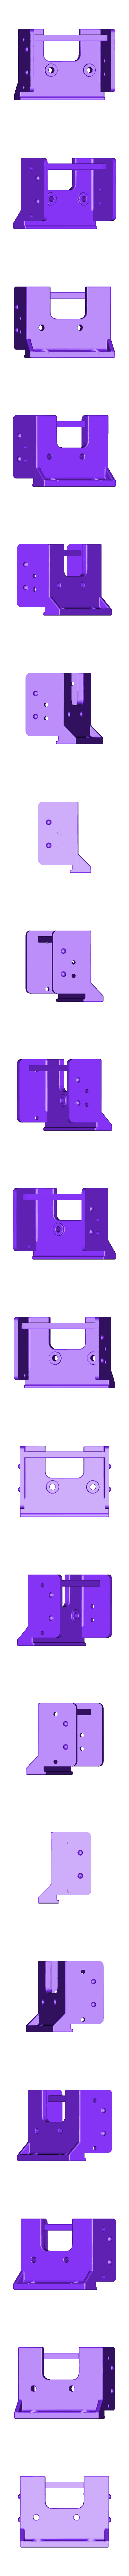 D6_BondTech_Ribbon_Holder_Card_Holder_v1_v14.stl Download free STL file Wanhao D6 / Duplicator 6 / Monoprice Ultimate Maker Ribbon Cable Holder for BondTech • 3D print object, nik101968